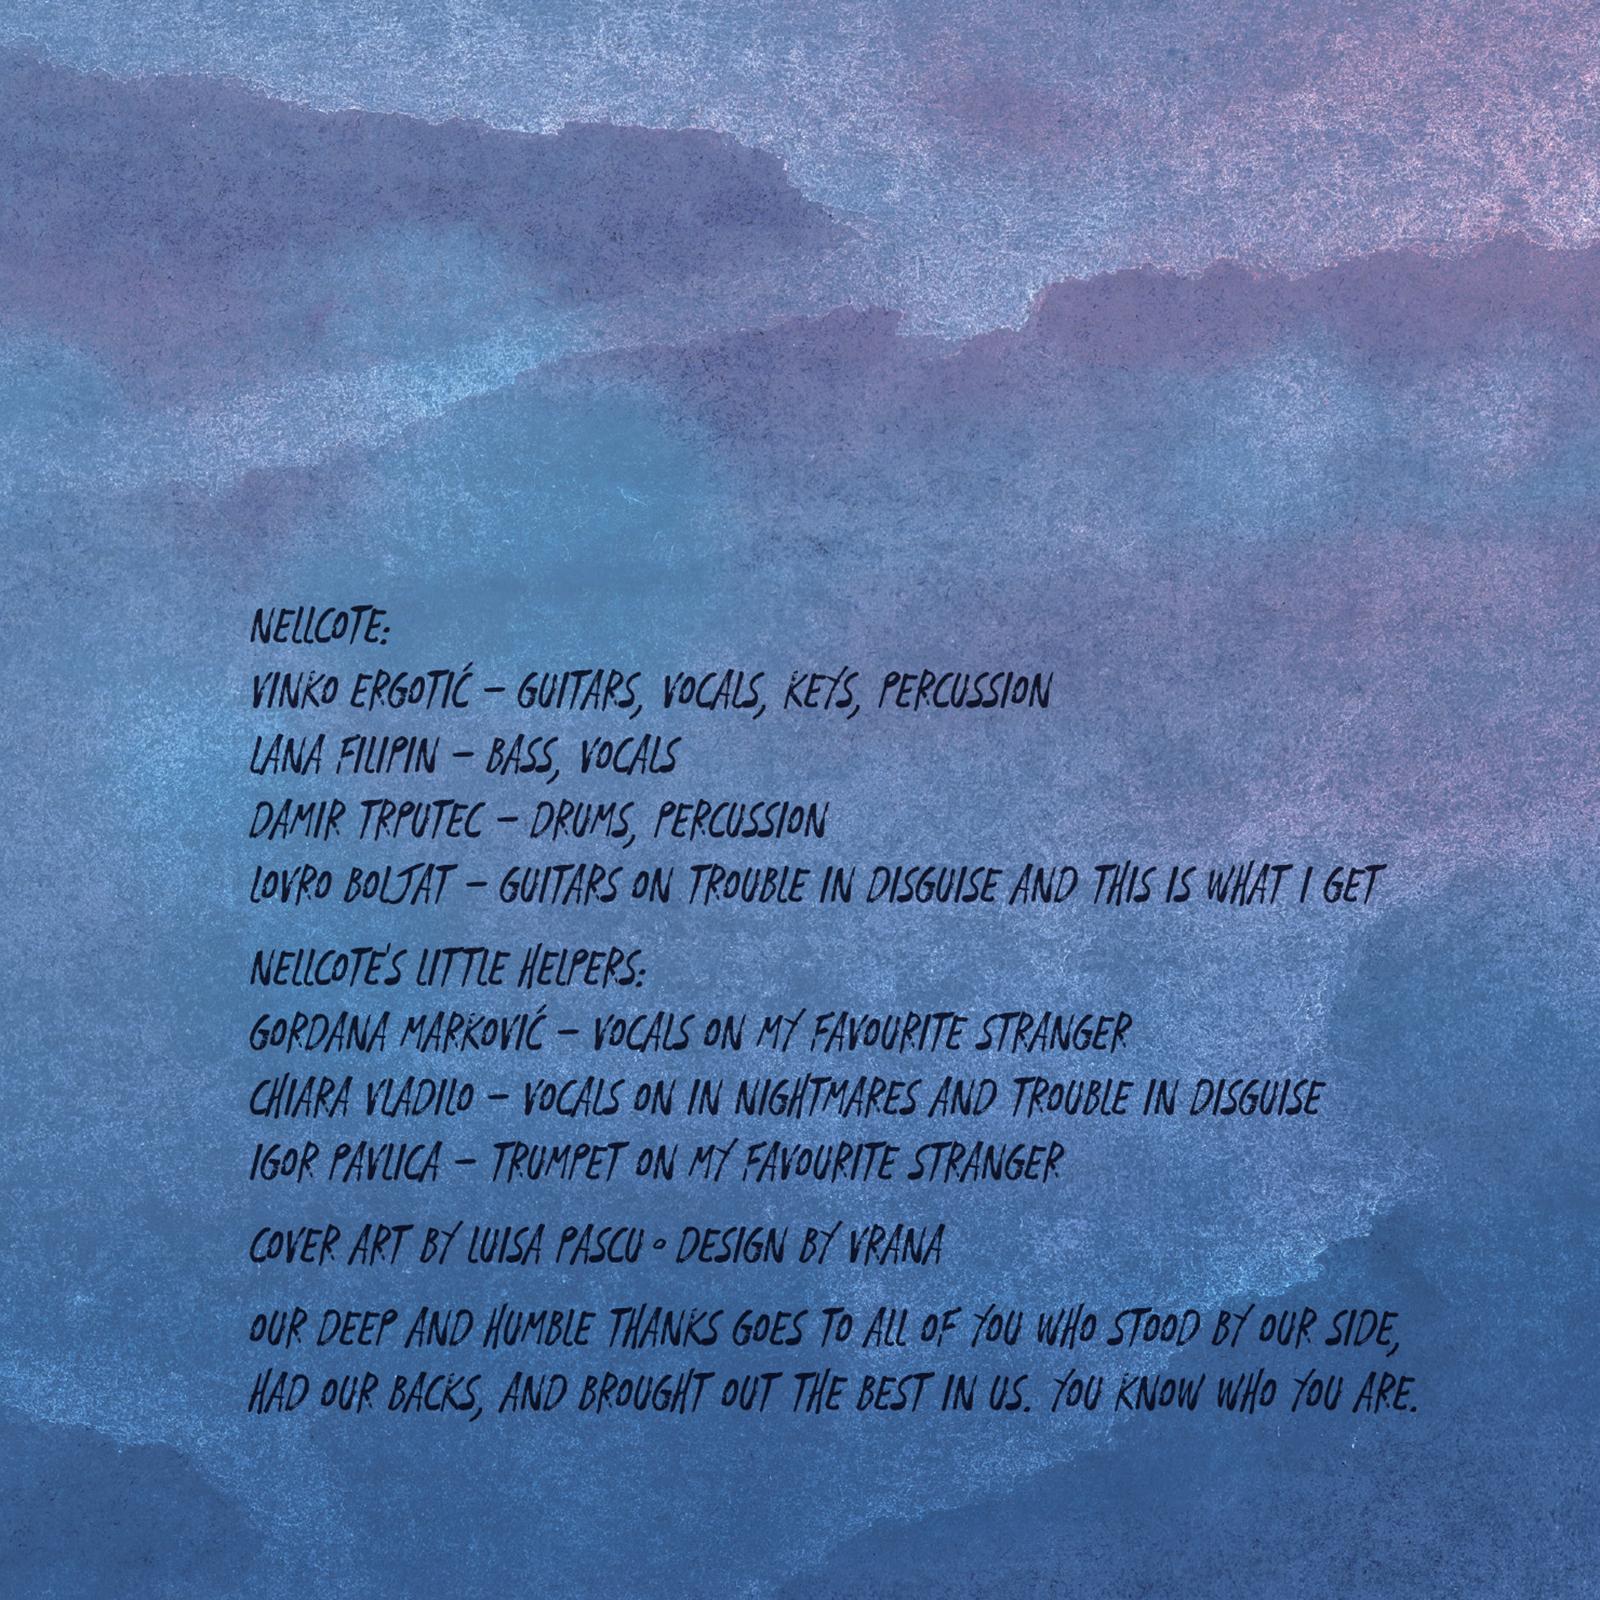 NELLCOTE - Disturbance in a Quiet Summer Night